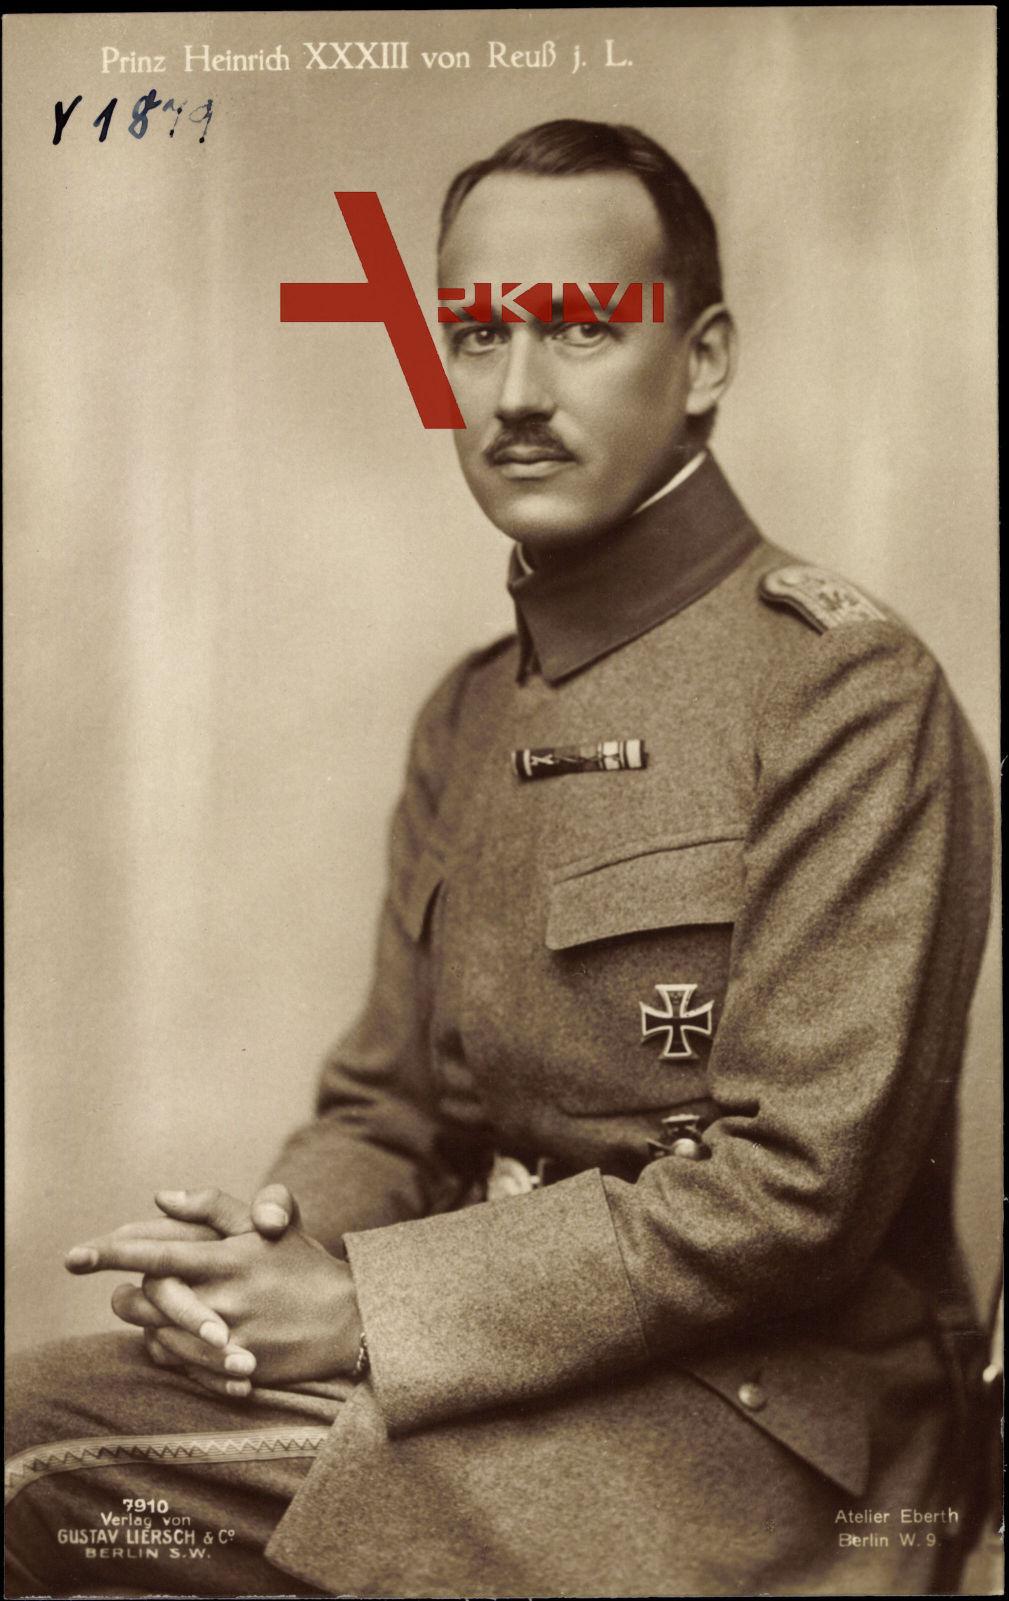 Prinz Heinrich XXXIII von Reuss jüngere Linie, Sitzportrait, Liersch 7910